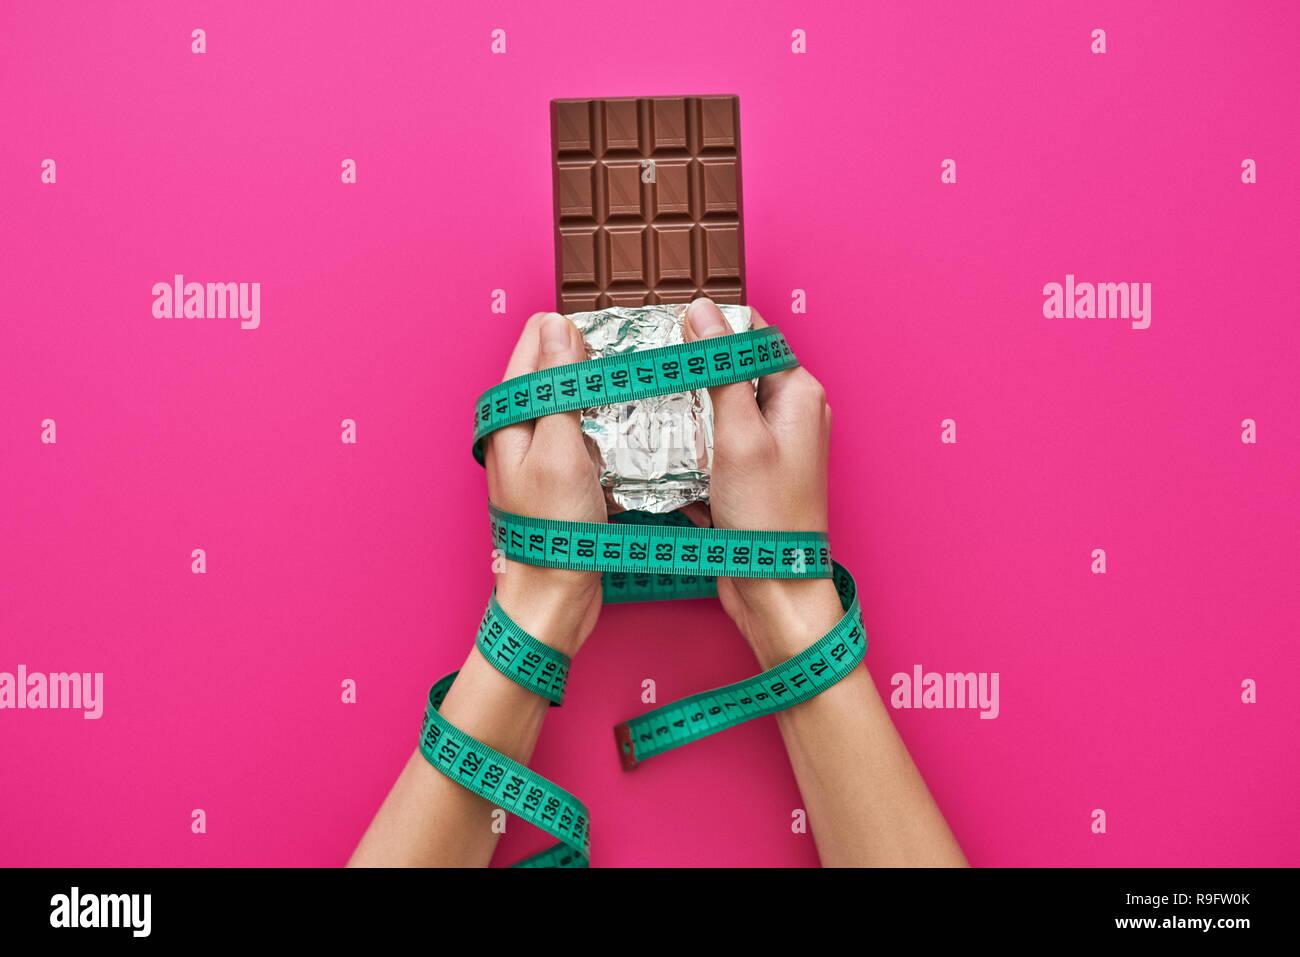 Oubliez pas de bonbons. Barre de chocolat dans les mains de womans emballés avec du ruban de mesure isolé sur fond rose. Suivre un régime alimentaire sain et concept Photo Stock